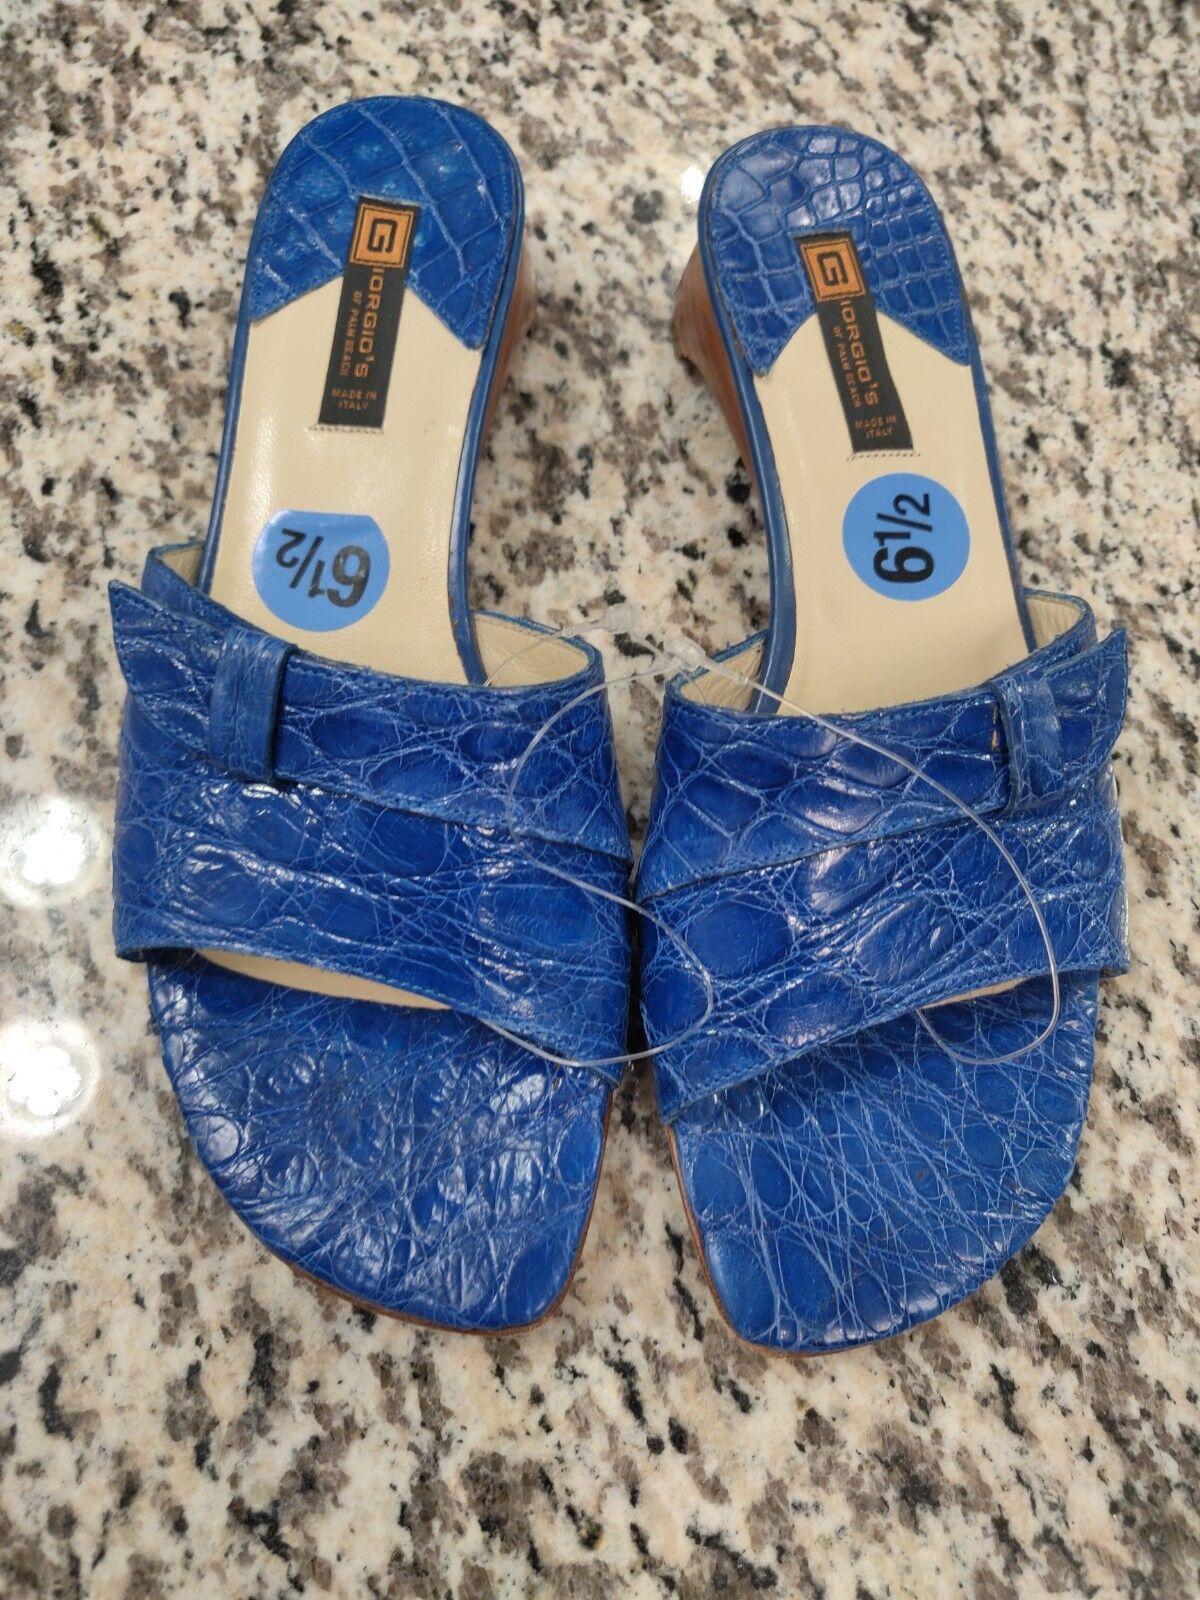 Zapatos de Cuero Giorgio's of Palm Beach Beach Beach Mujer de cocodrilo genuino 6.5 nuevo Tacones Azul  venta caliente